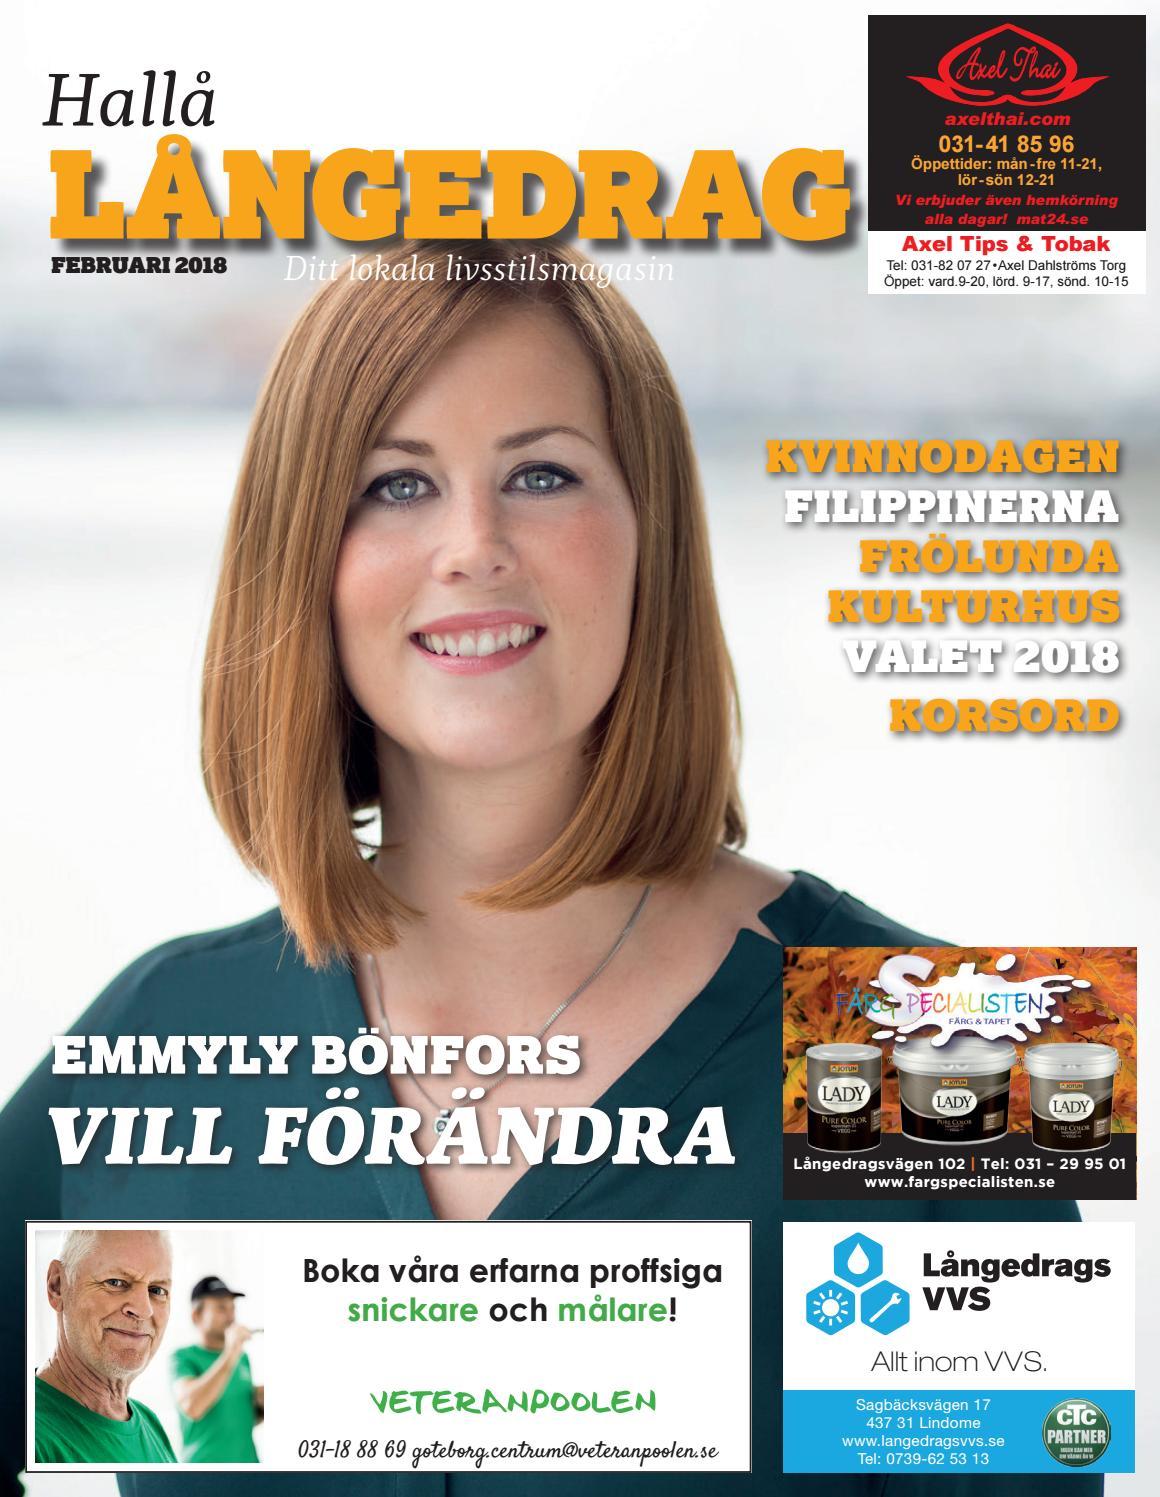 7a11df316c0b Halla Långedrag Feb 2018 by MediaKonsult - issuu